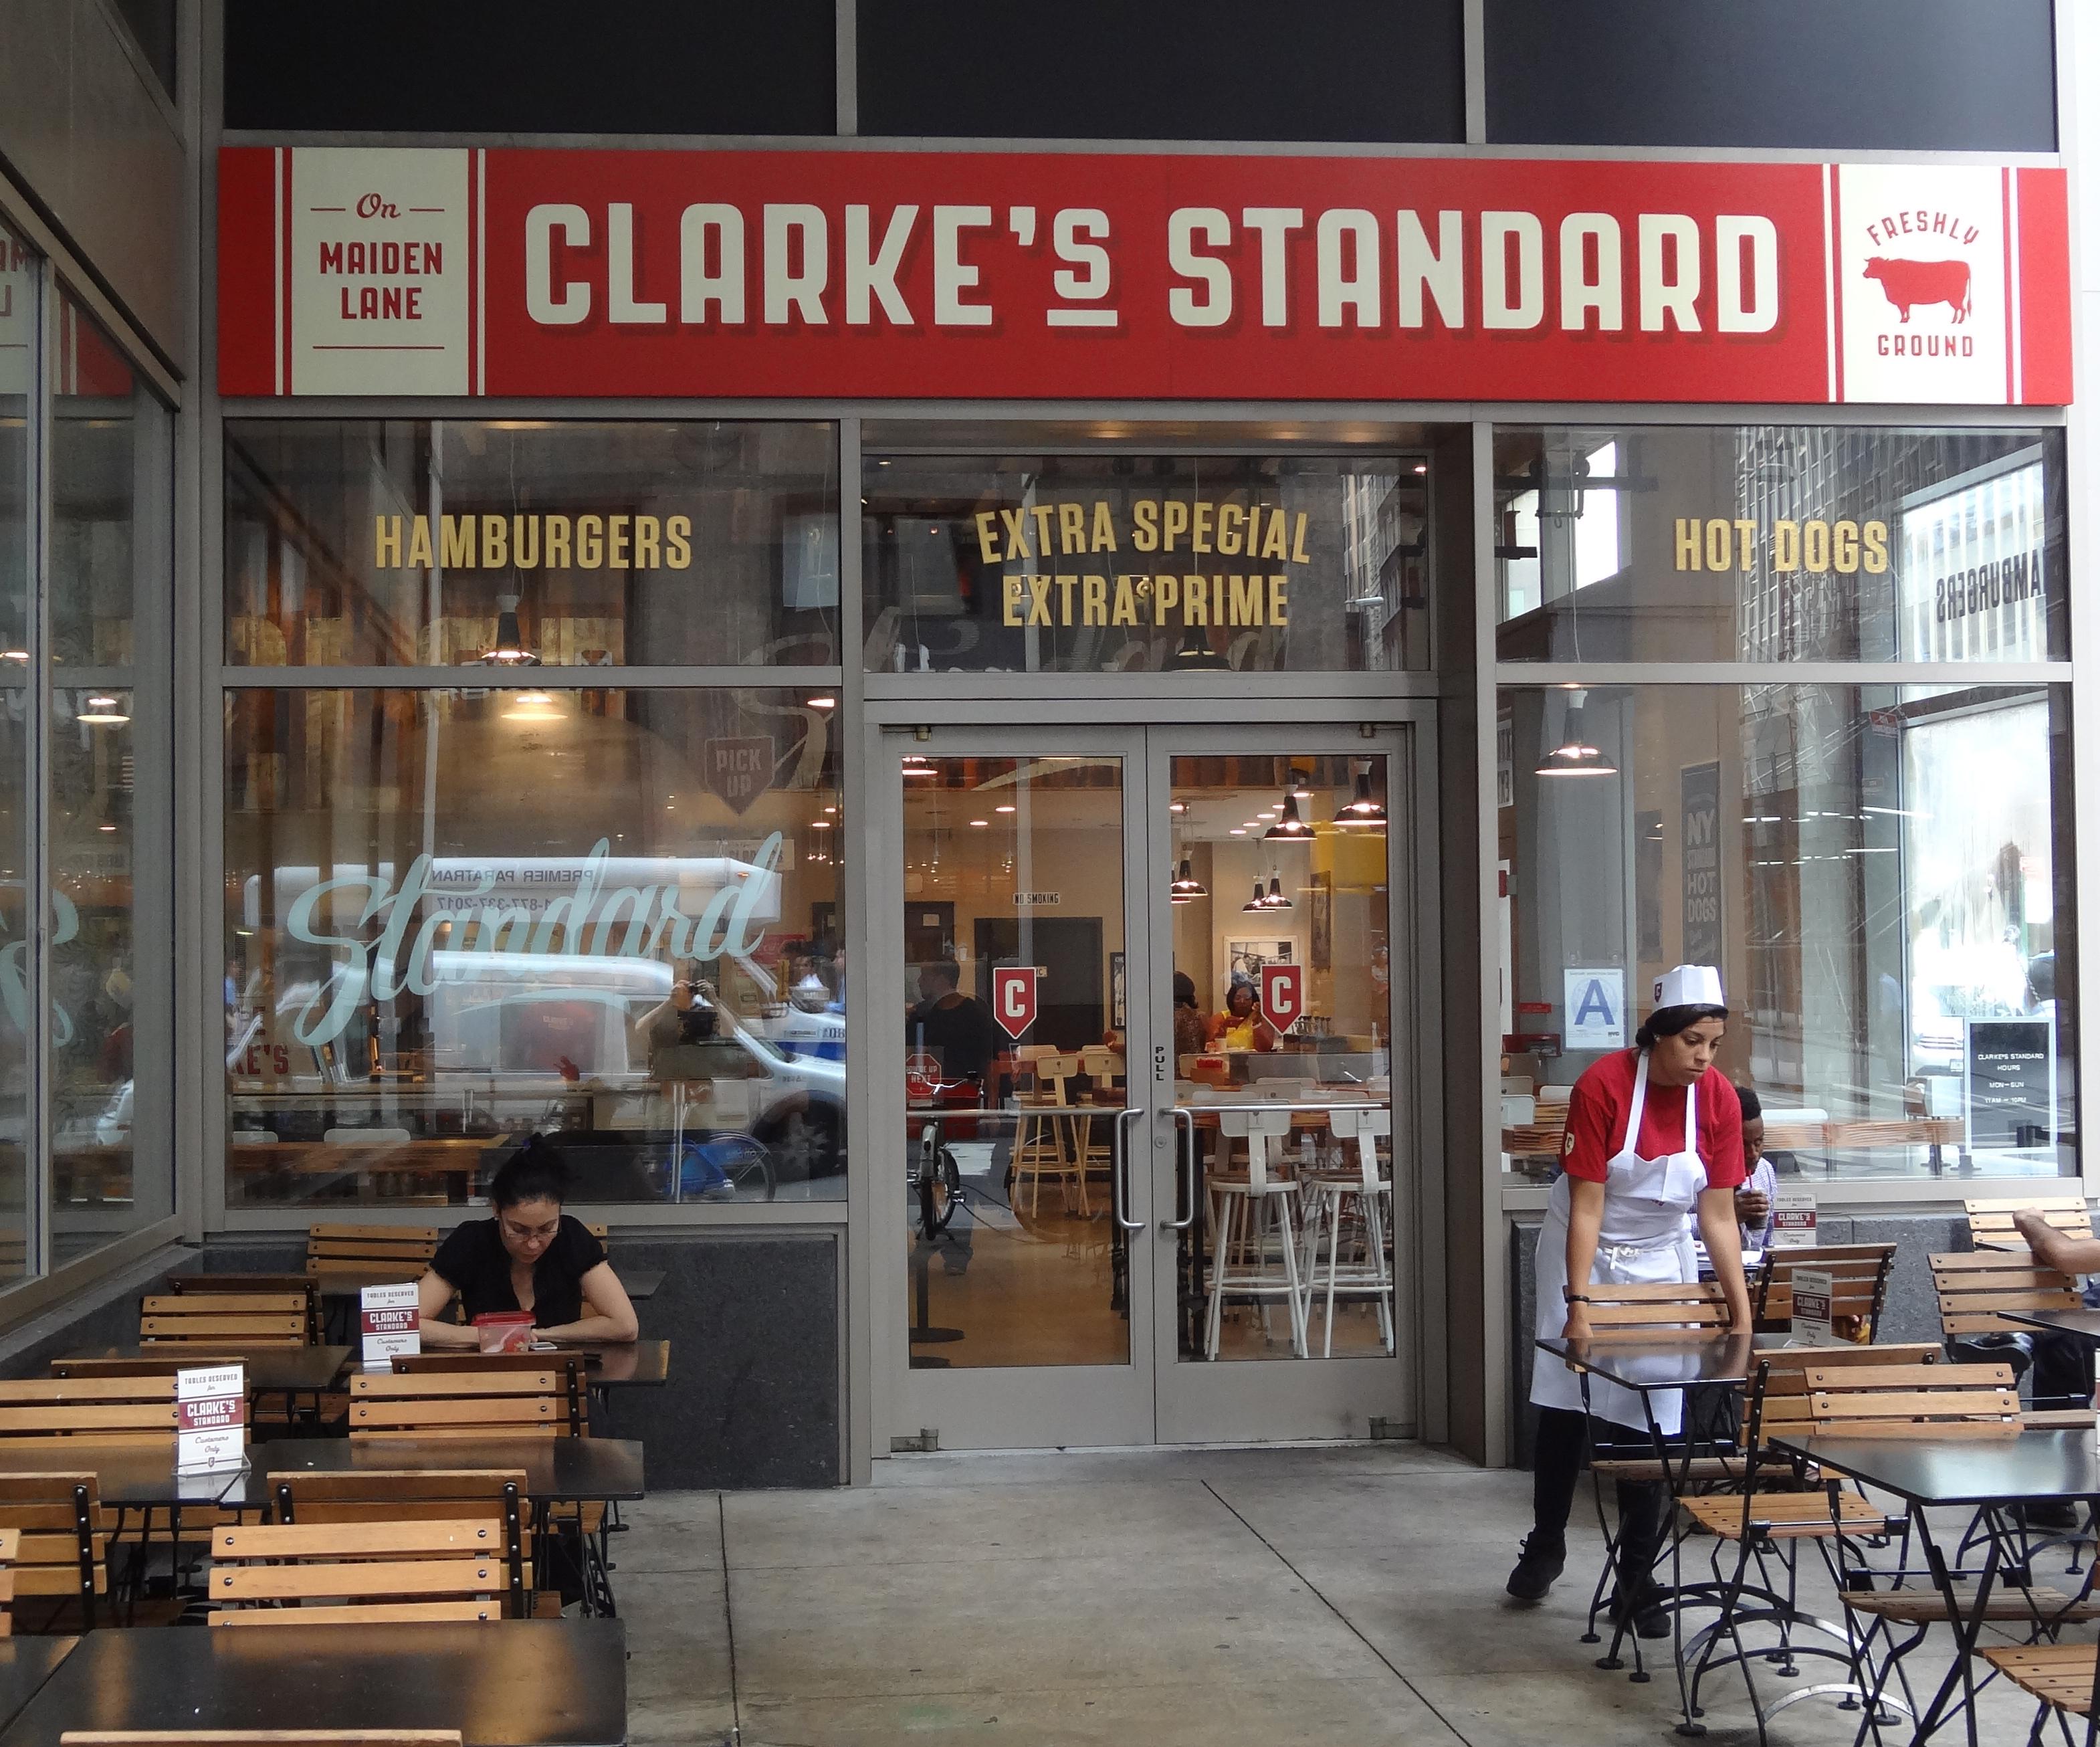 Clarkes Standard front